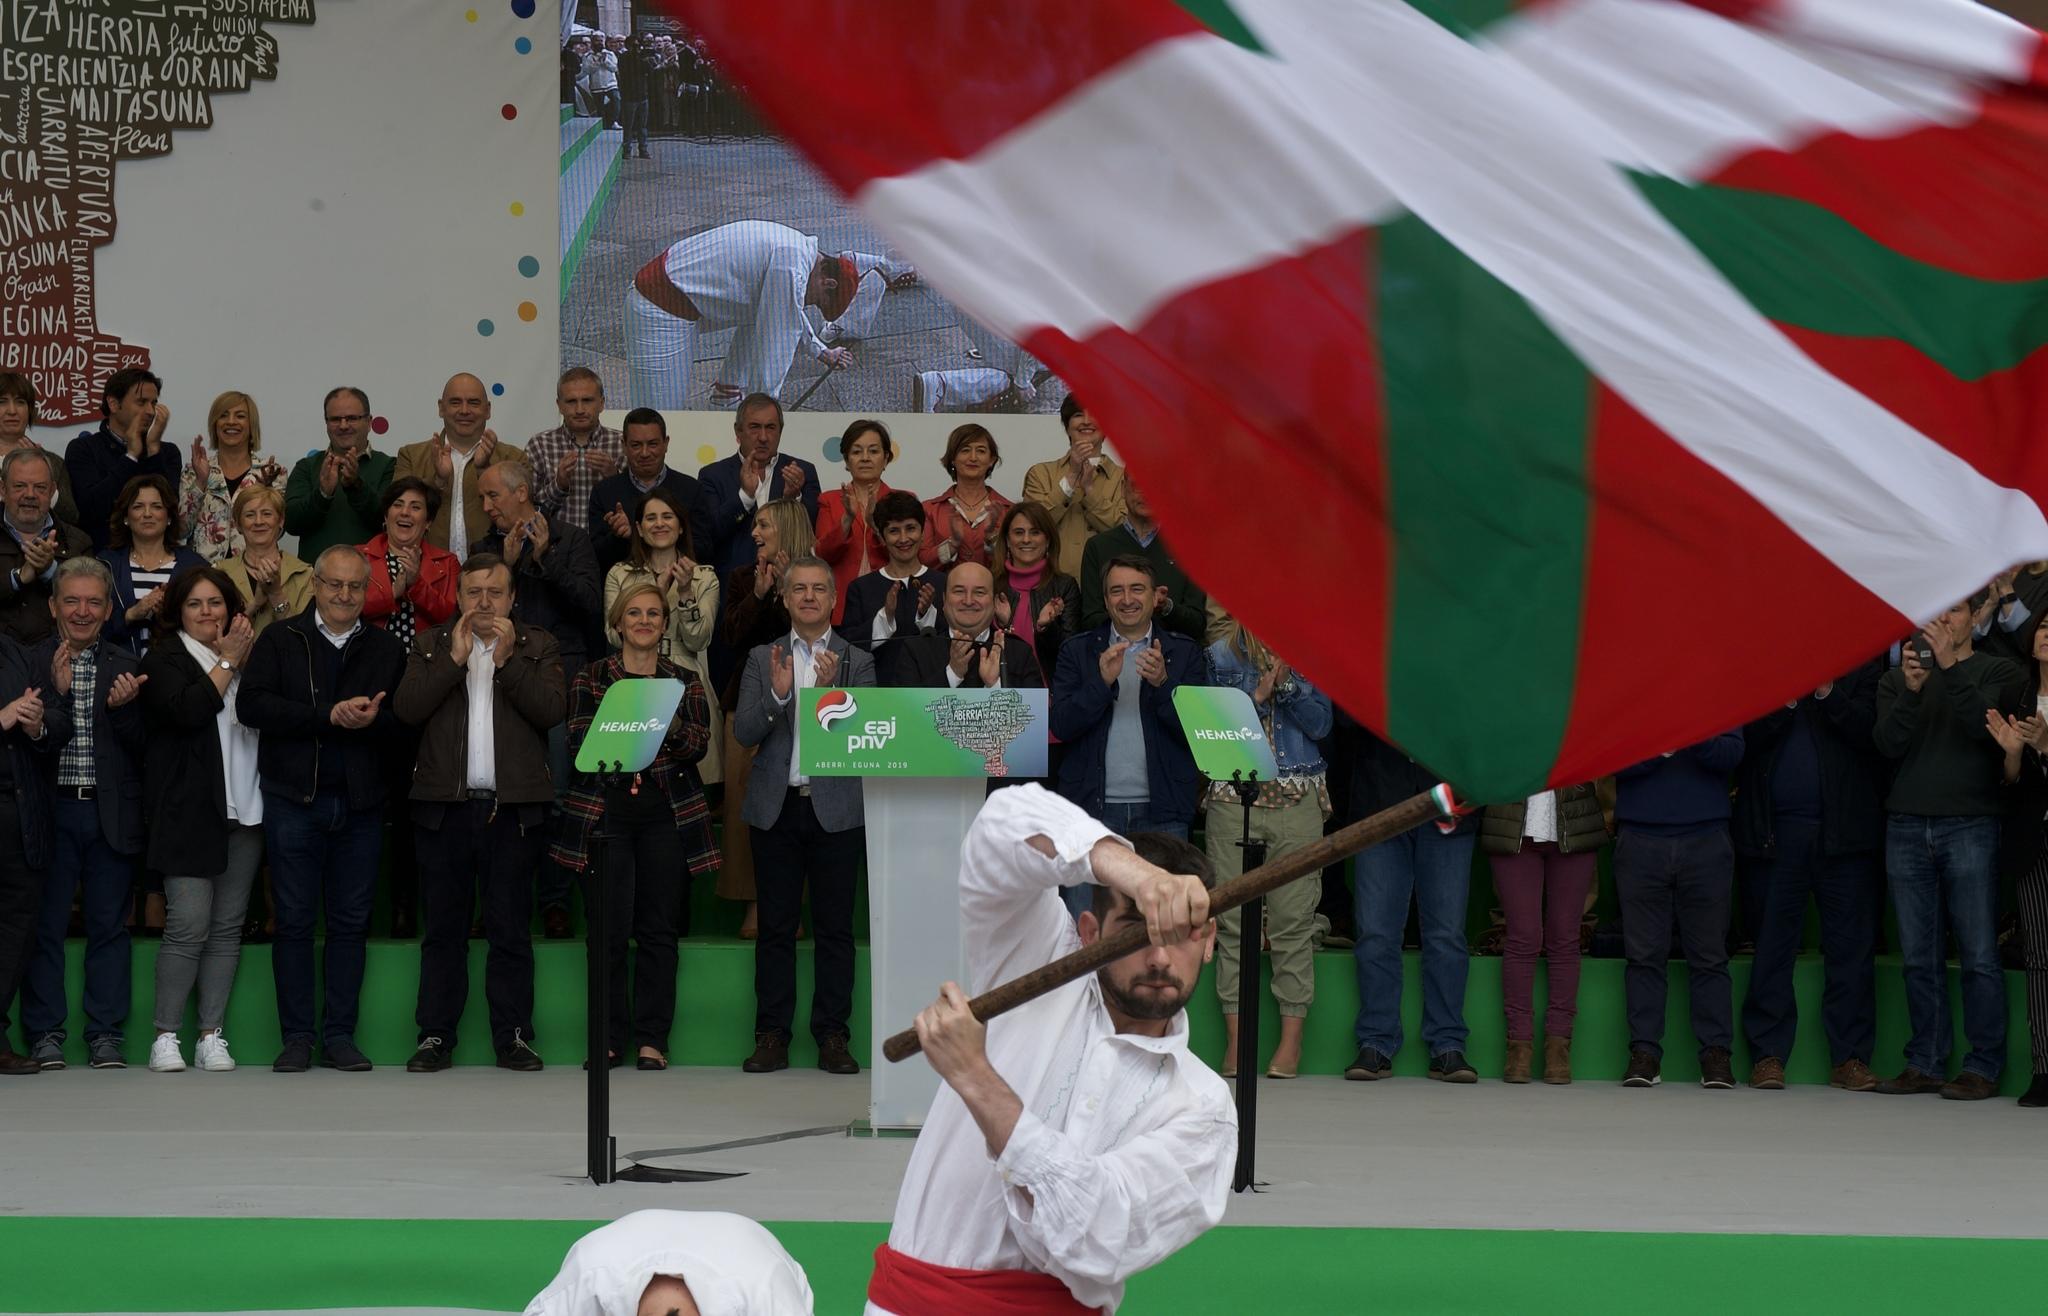 Los dirigentes nacionalistas durante el homenaje a la ikurriña.